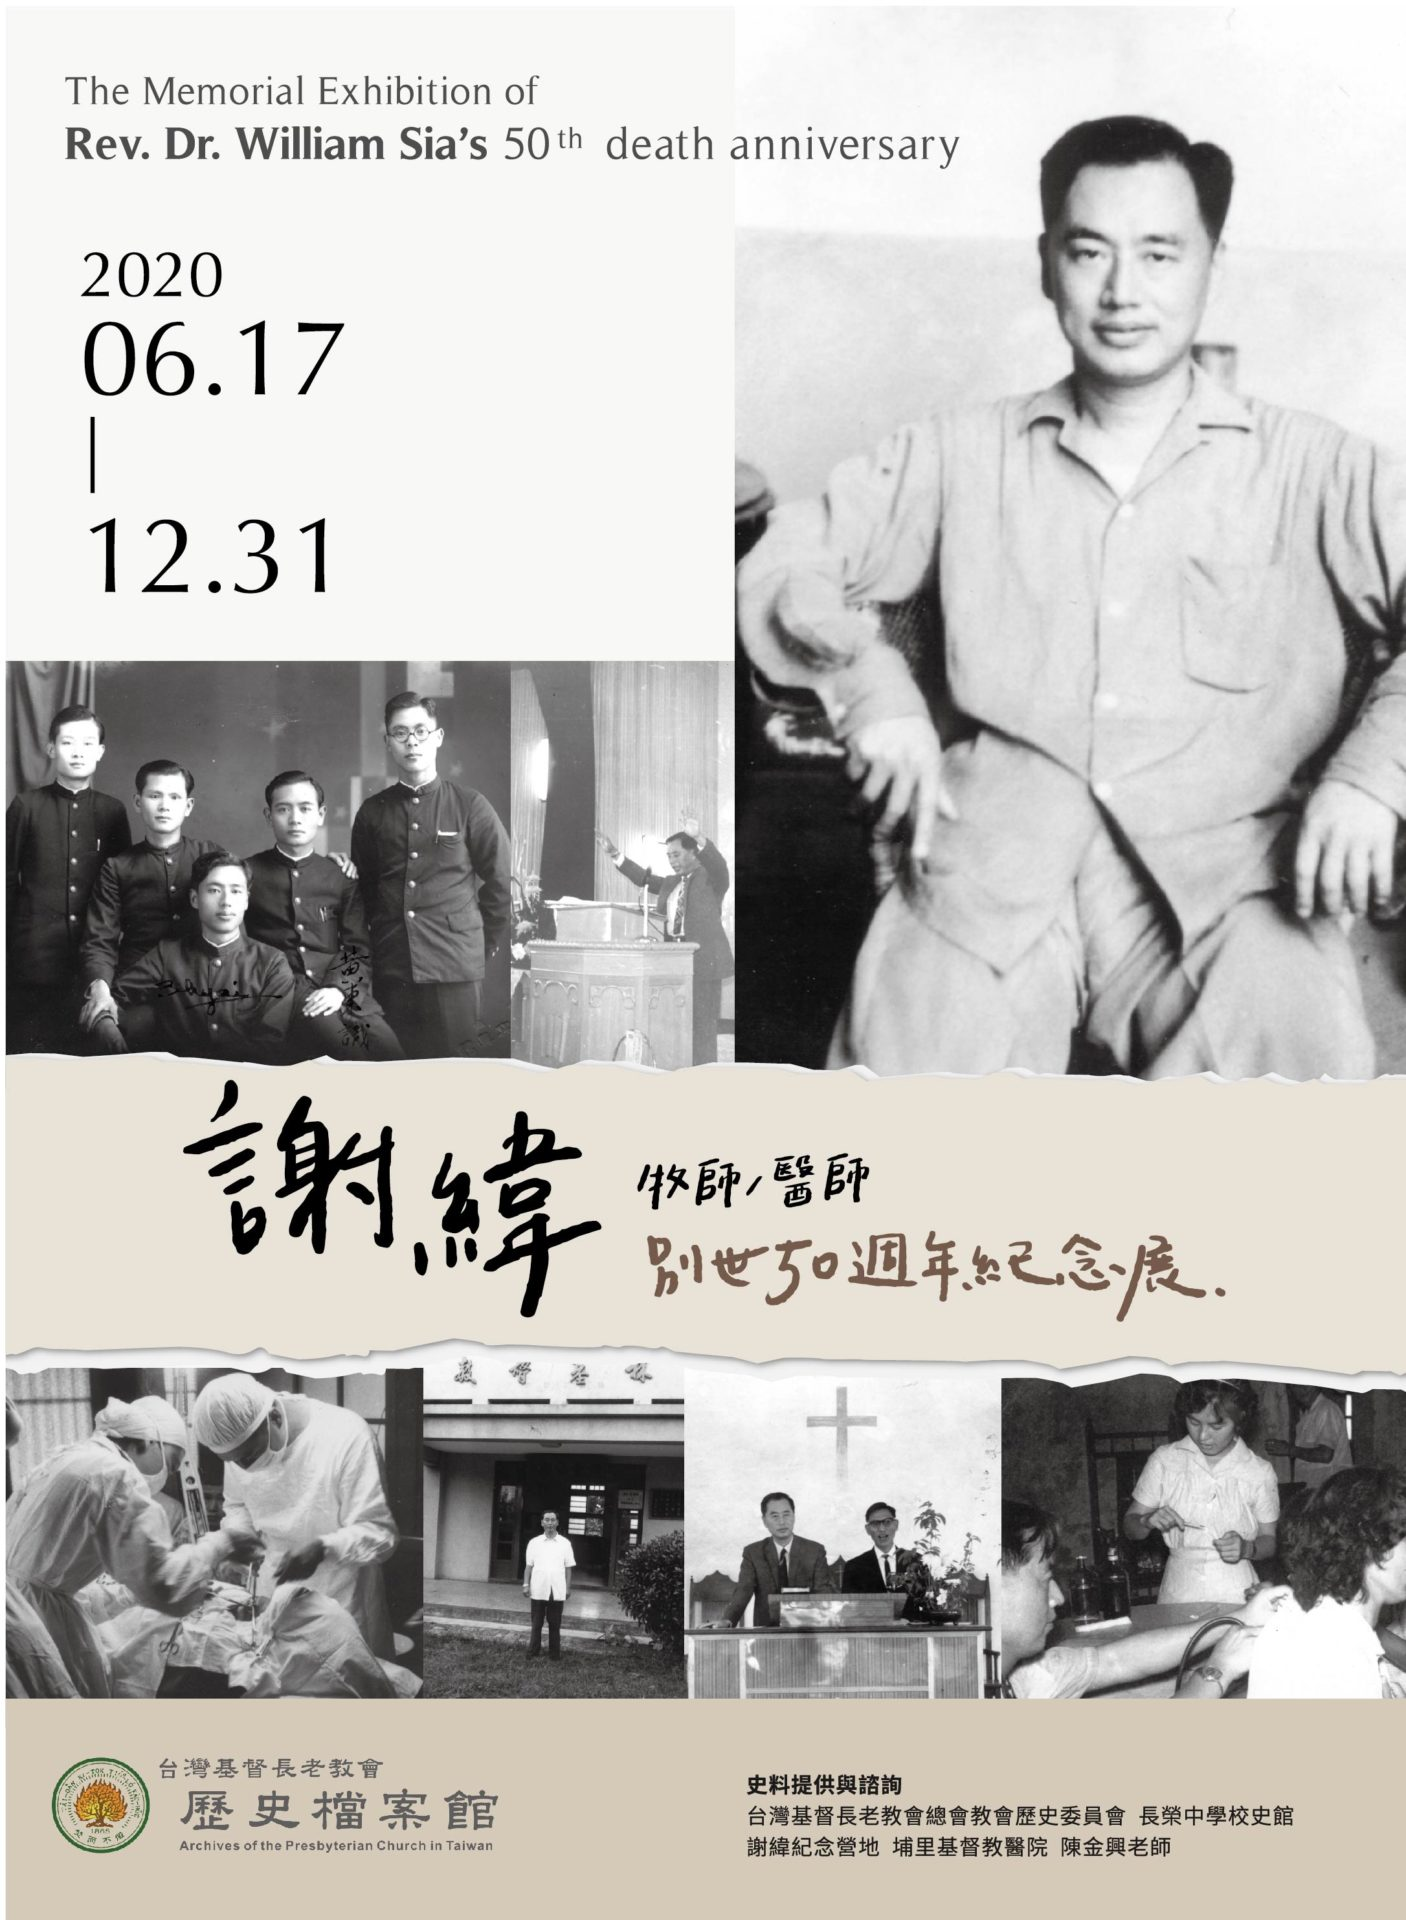 台灣基督長老教會歷史檔案館:2020/06/17-12/31 【謝緯牧師/醫師別世50週年紀念展】